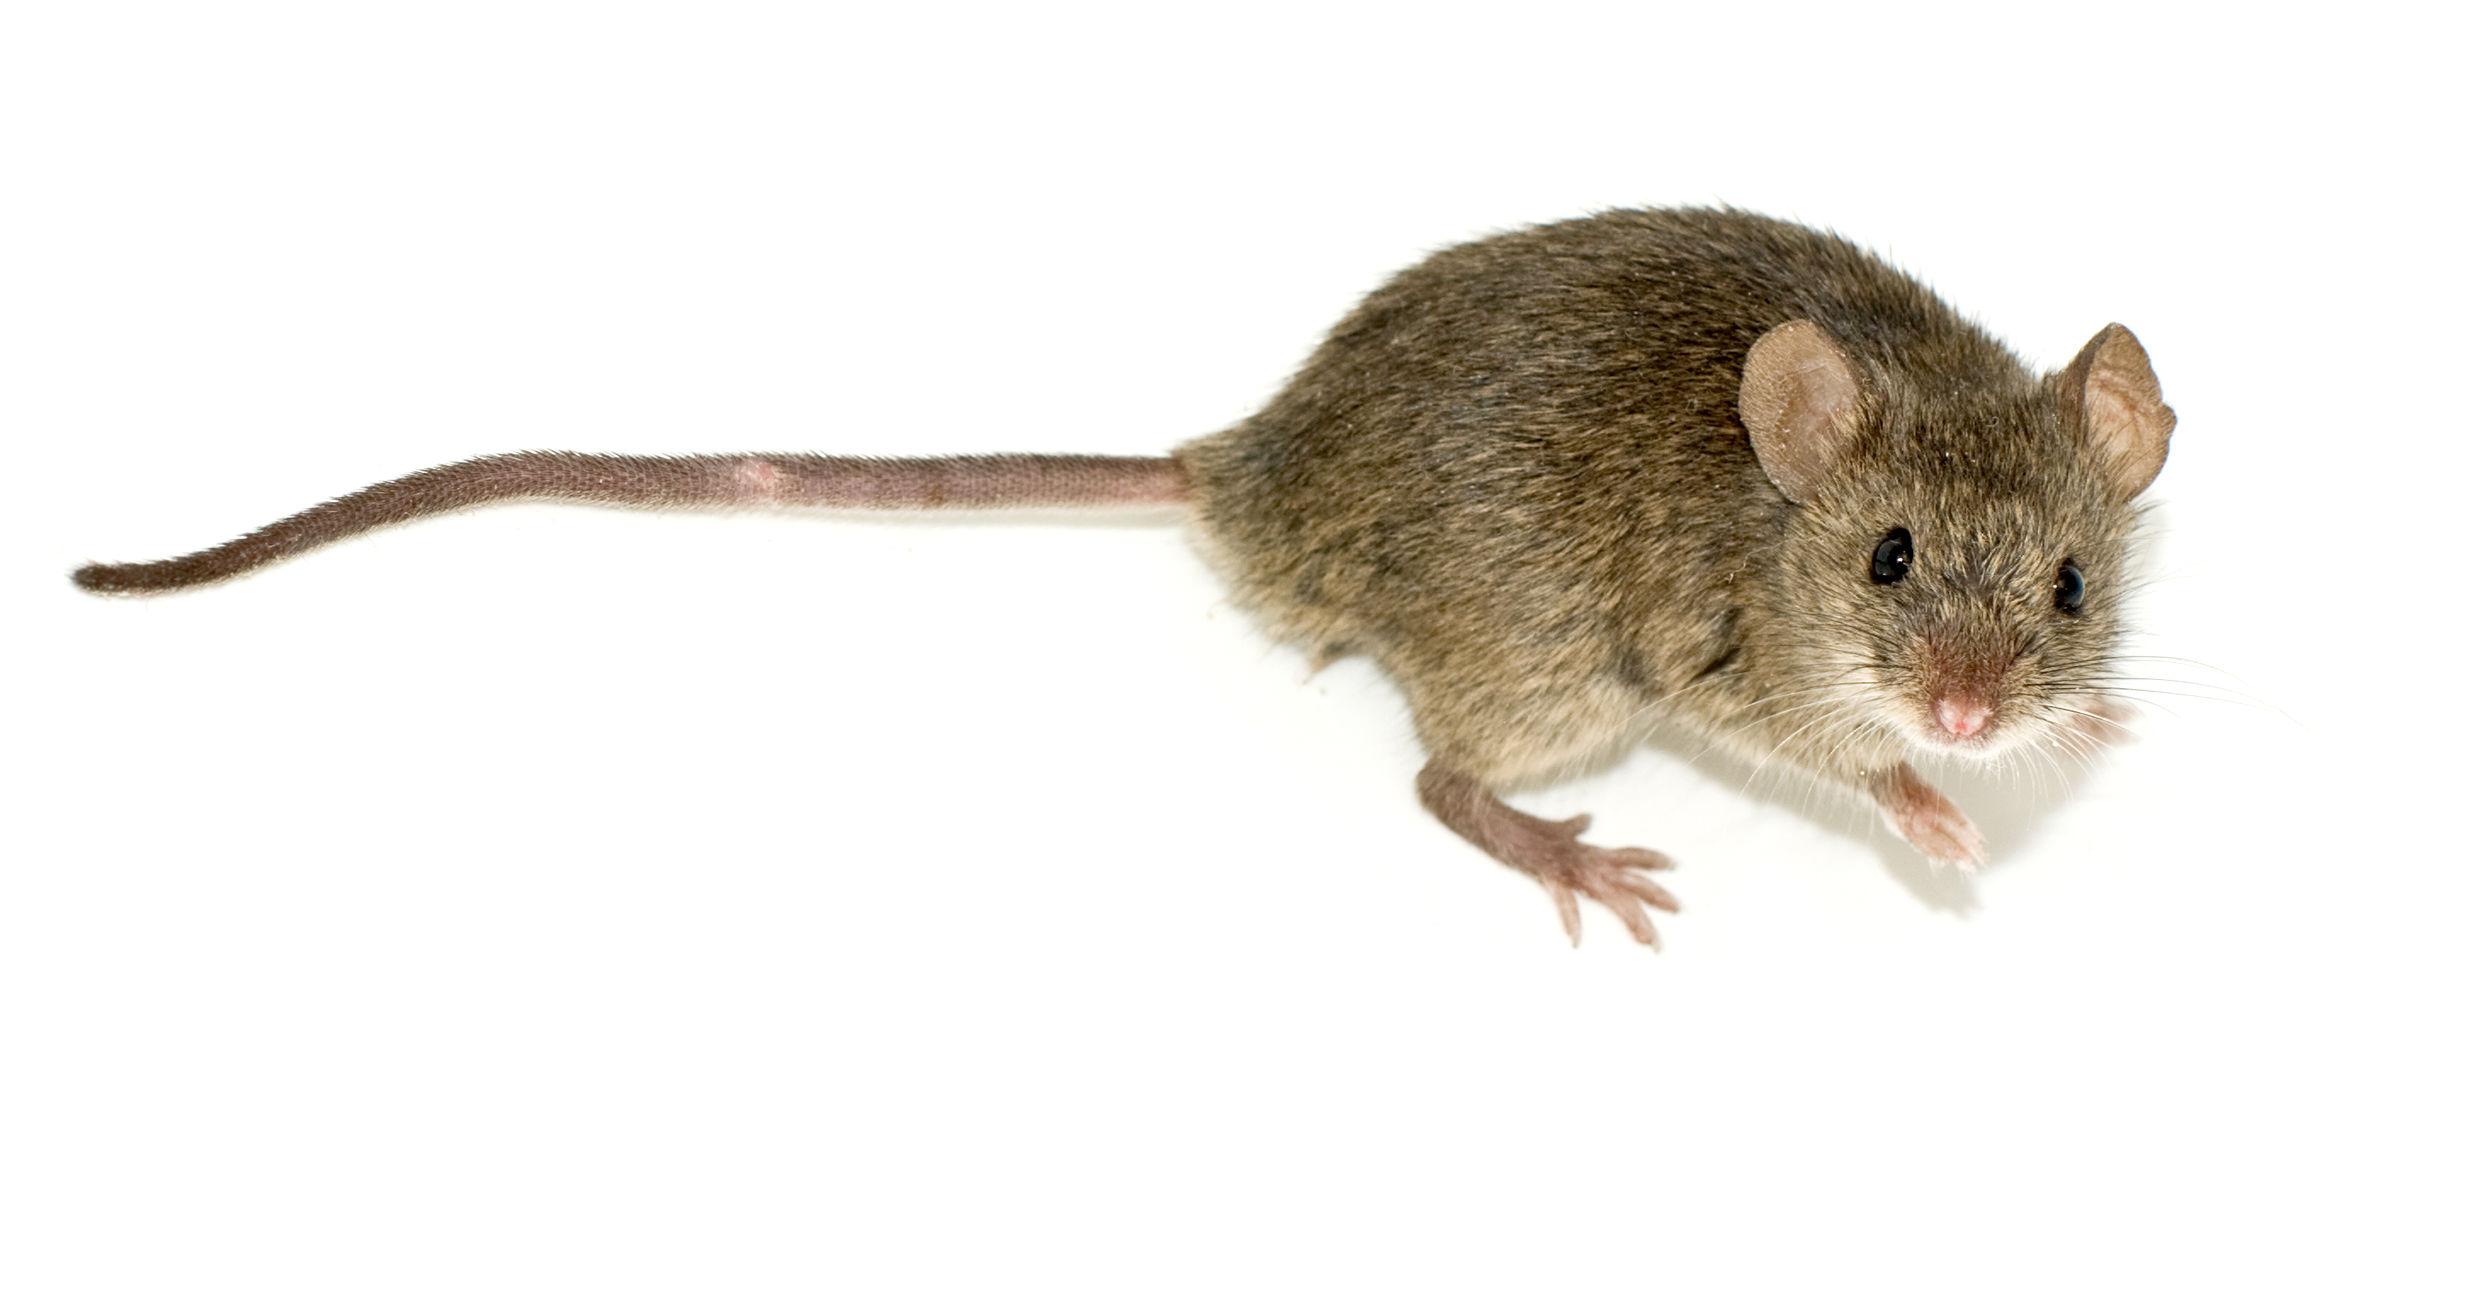 Fumigadora Costa Rica: Control de plagas de insectos y roedores ...